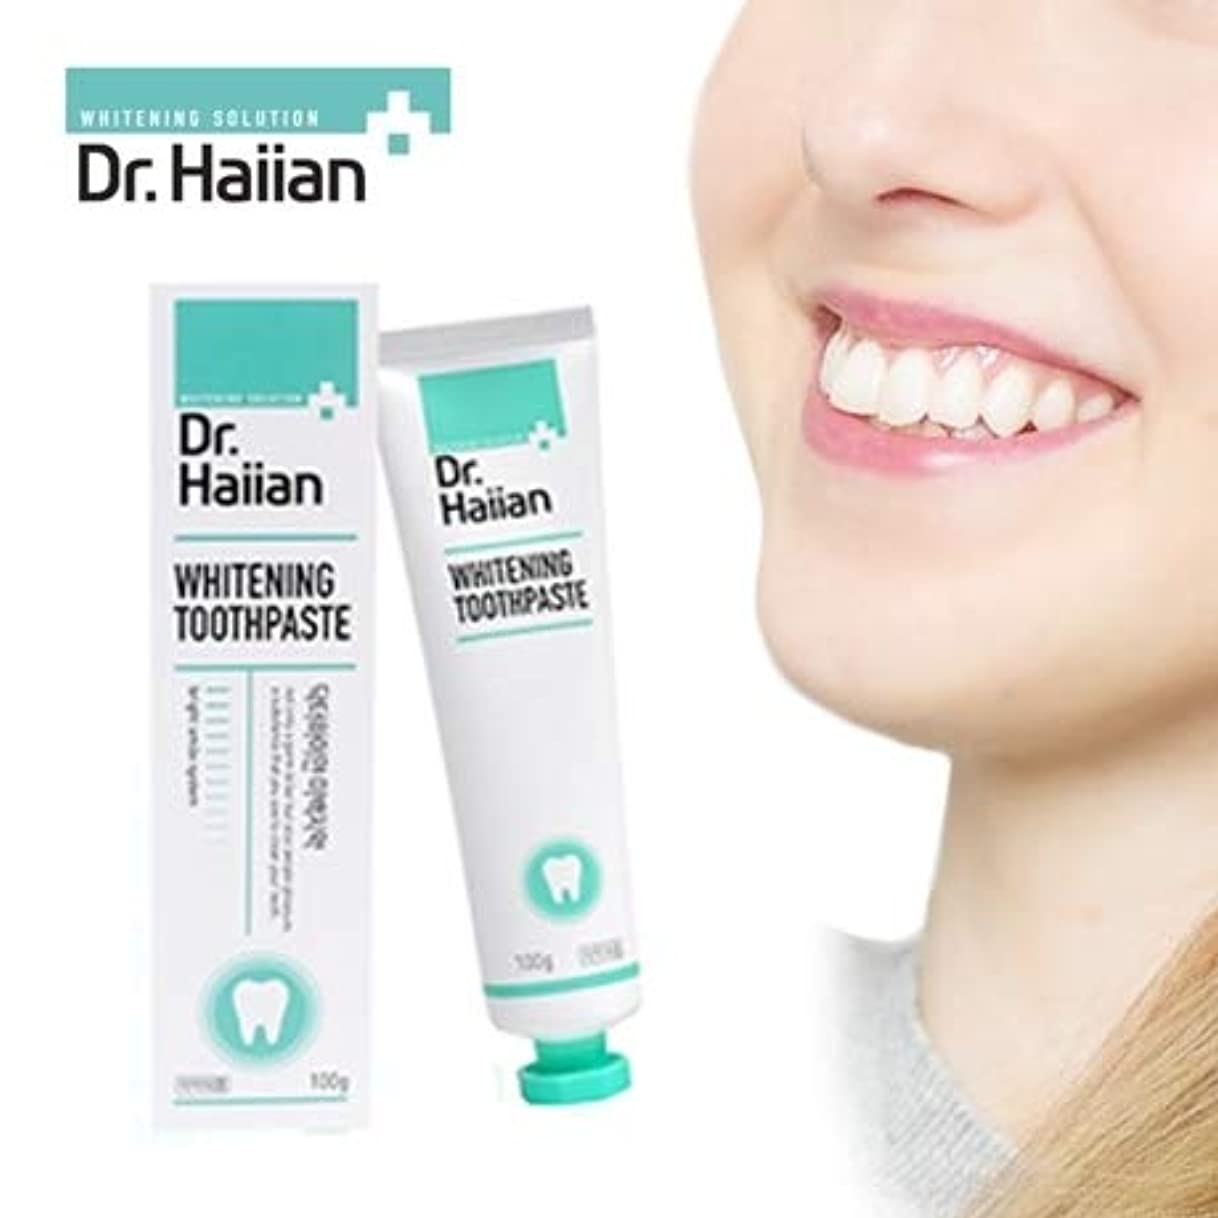 暗くする聖域電報Dr.Haiian WHITENING TOOTHPASTE ホワイトニング歯磨き粉 100g,韩国正品